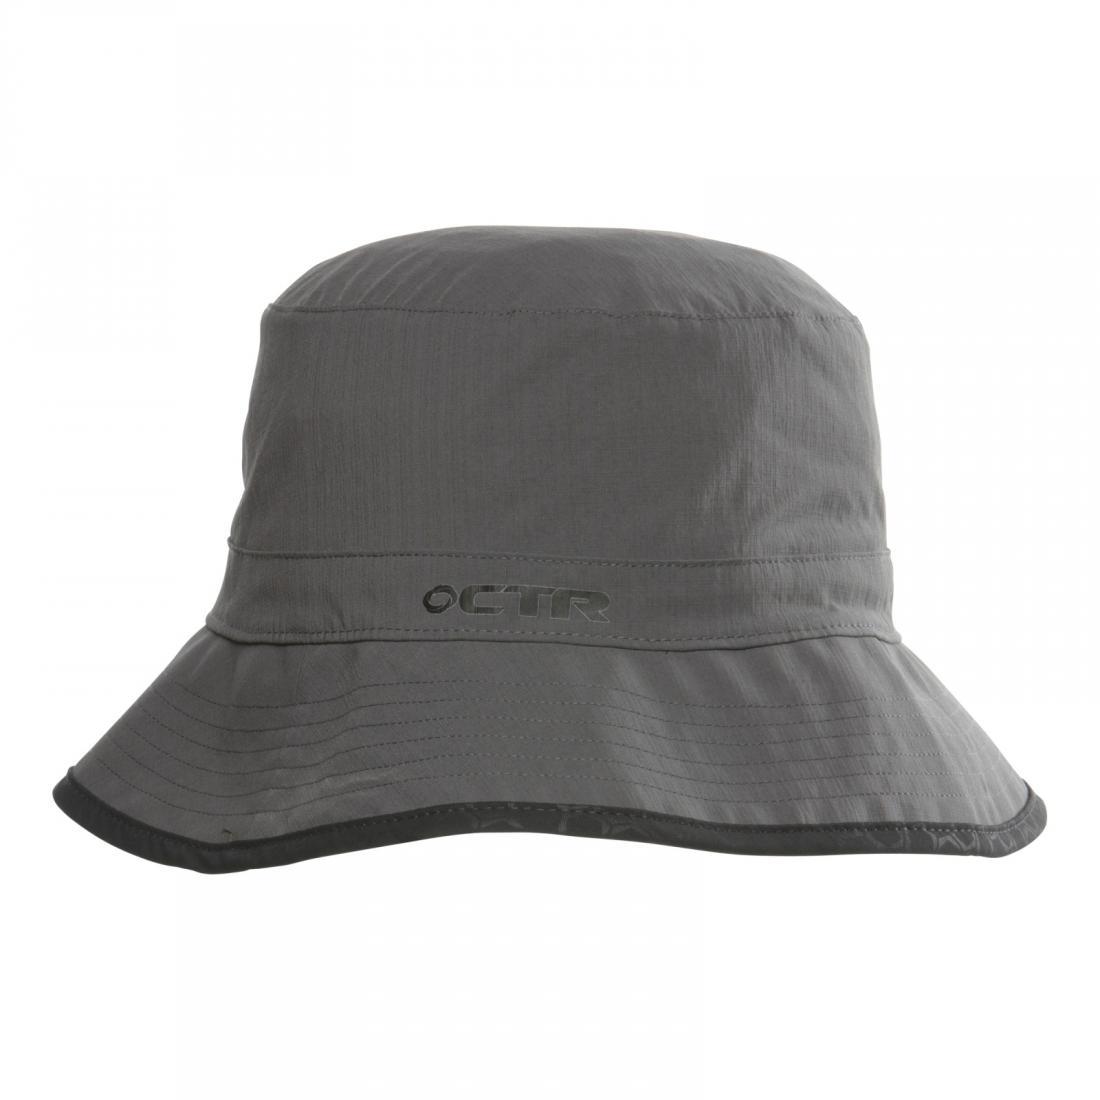 Панама Chaos  Summit Bucket HatПанамы<br><br> Классическая мужская панама Summit Bucket Hat от Chaos — это оптимальное решение для рыбалки и туризма. Легкая и удобная, она отлично защищает и от солнечных лучей, и от дождя. Благодаря компактным размерам она легко помещается в карман, а лаконичн...<br><br>Цвет: Темно-серый<br>Размер: L-XL